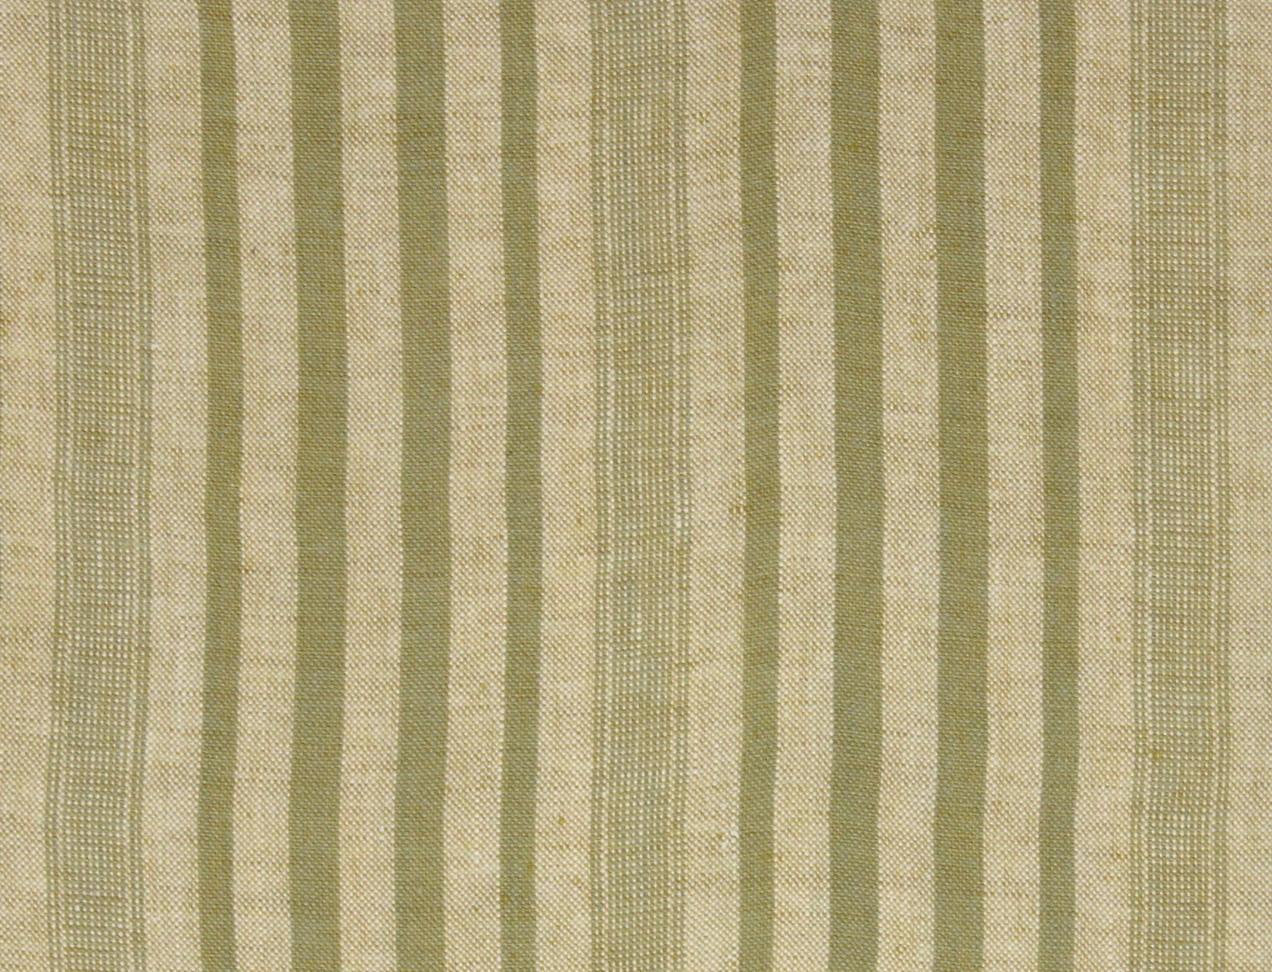 MAREMMA RIGATO Cream-Sage Stripe Des. 2